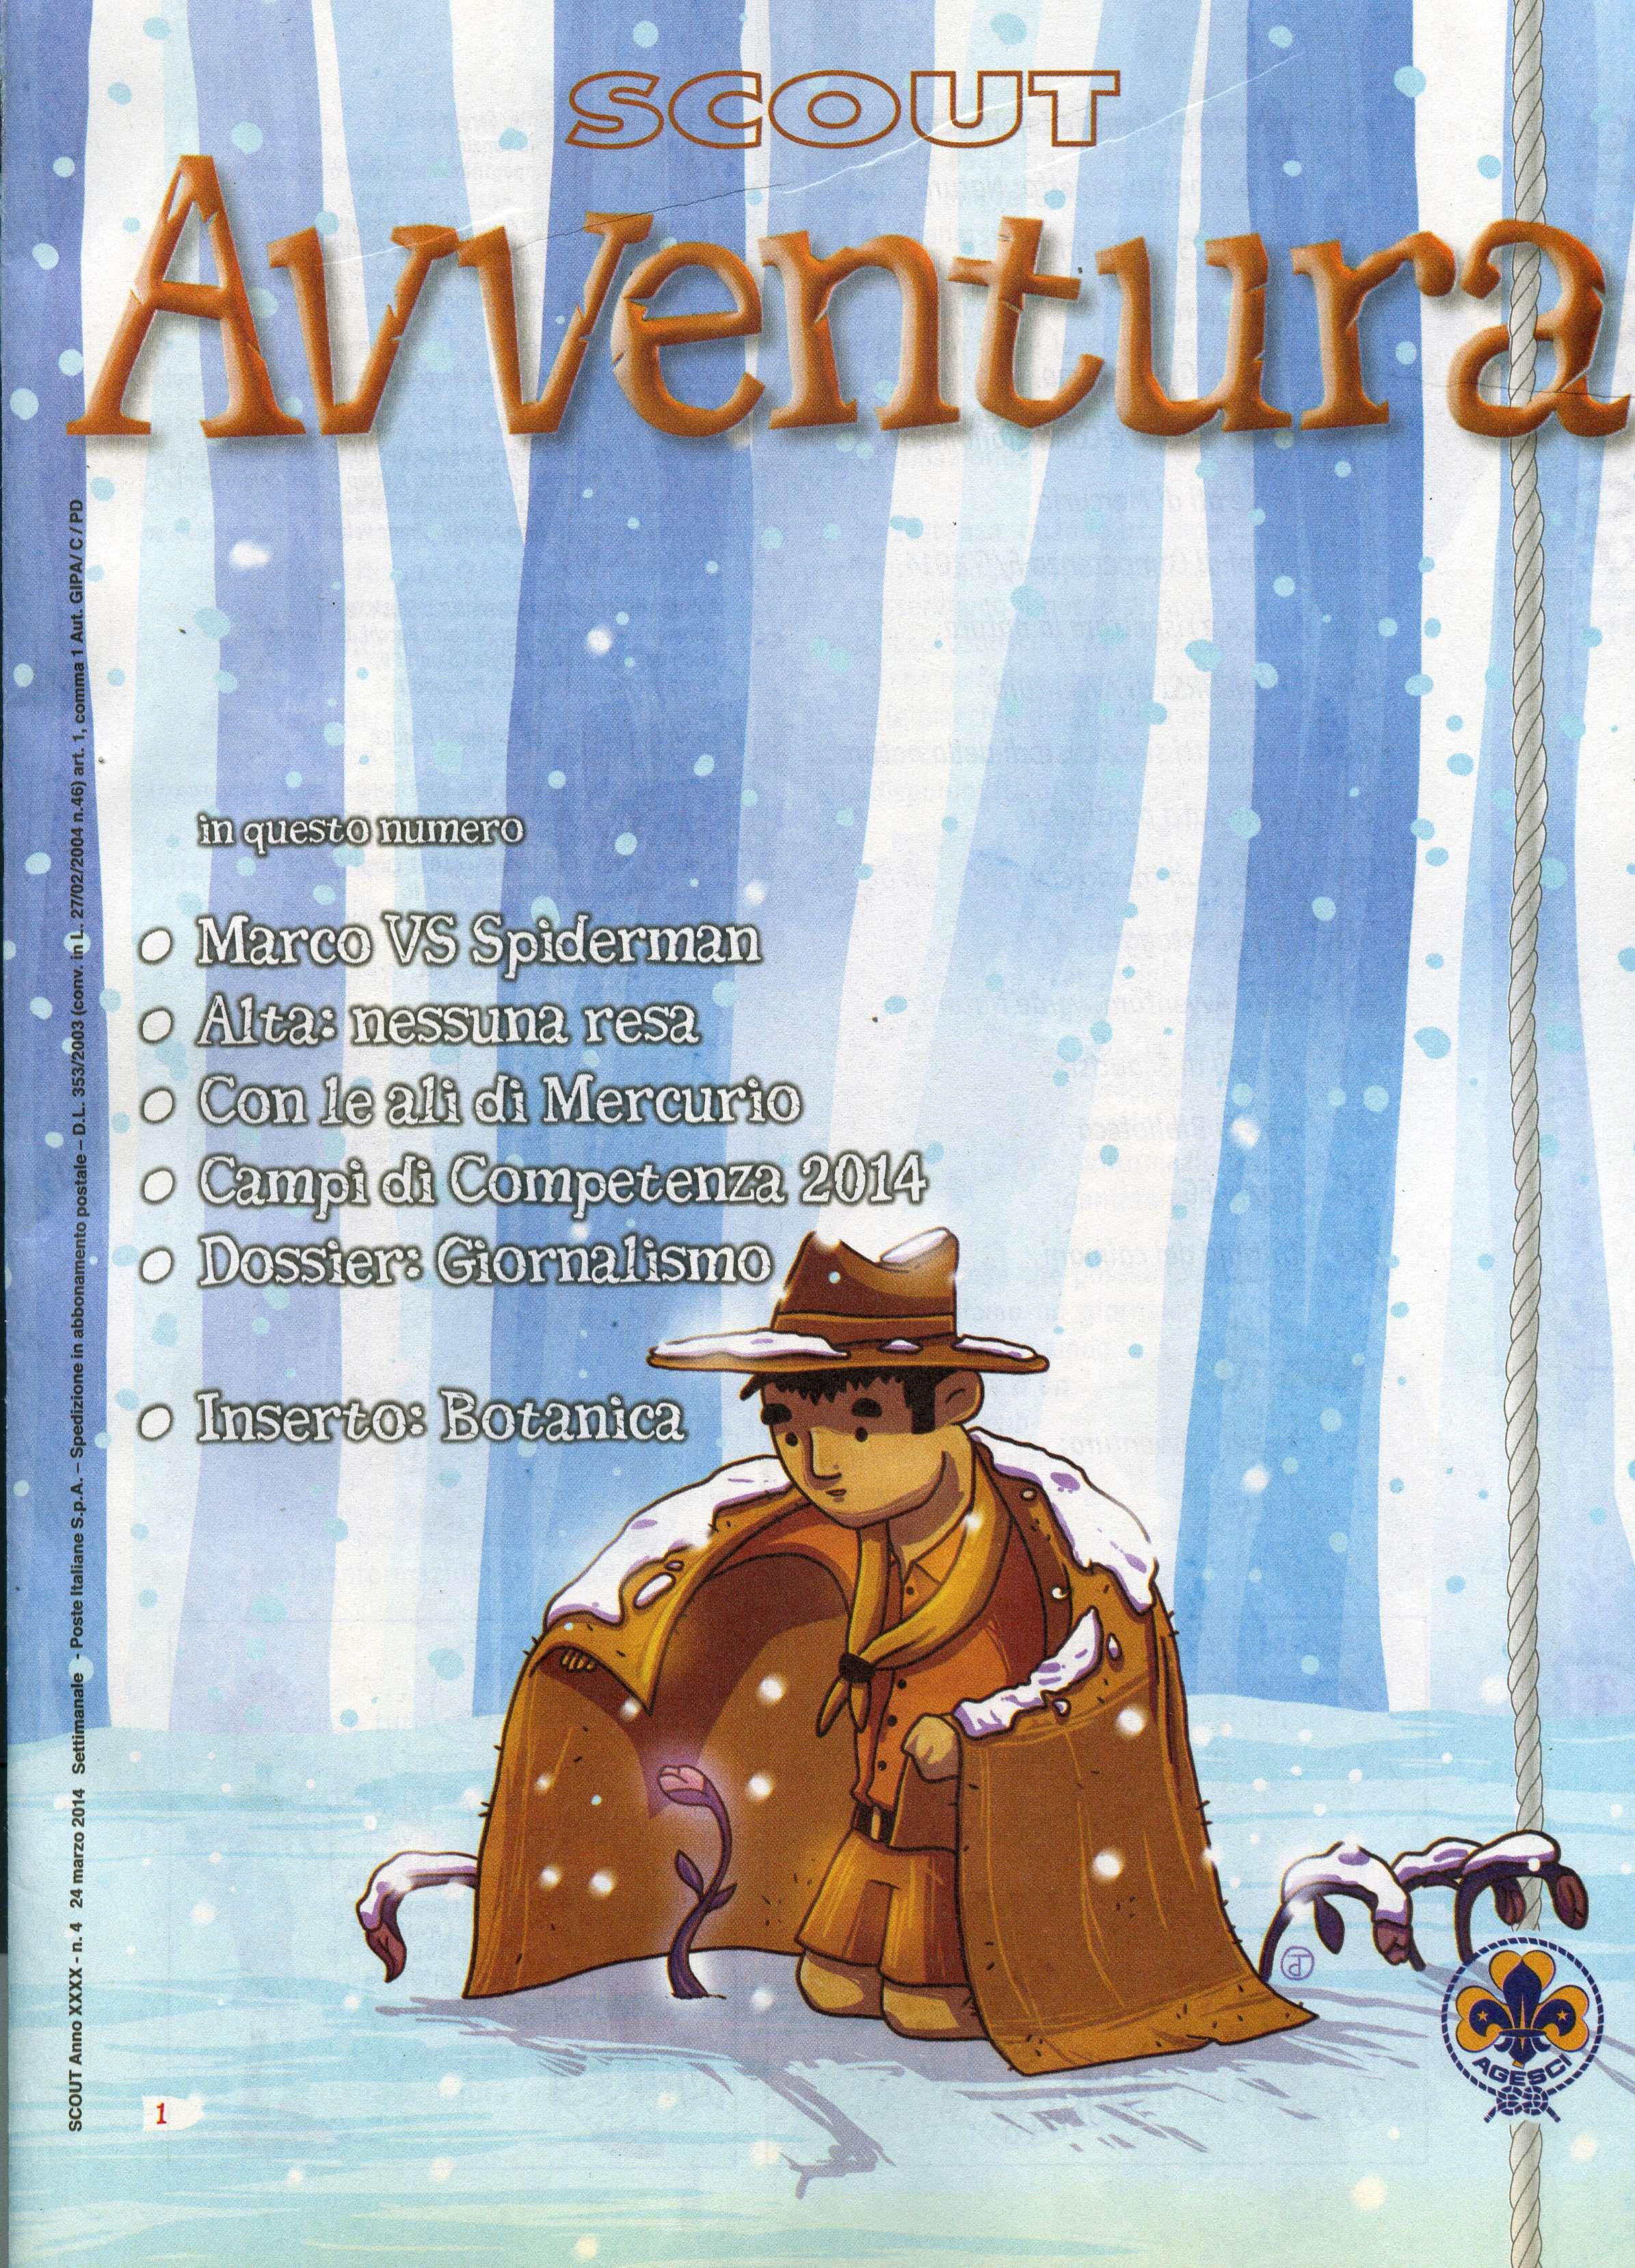 Scout Avventura 4/2014